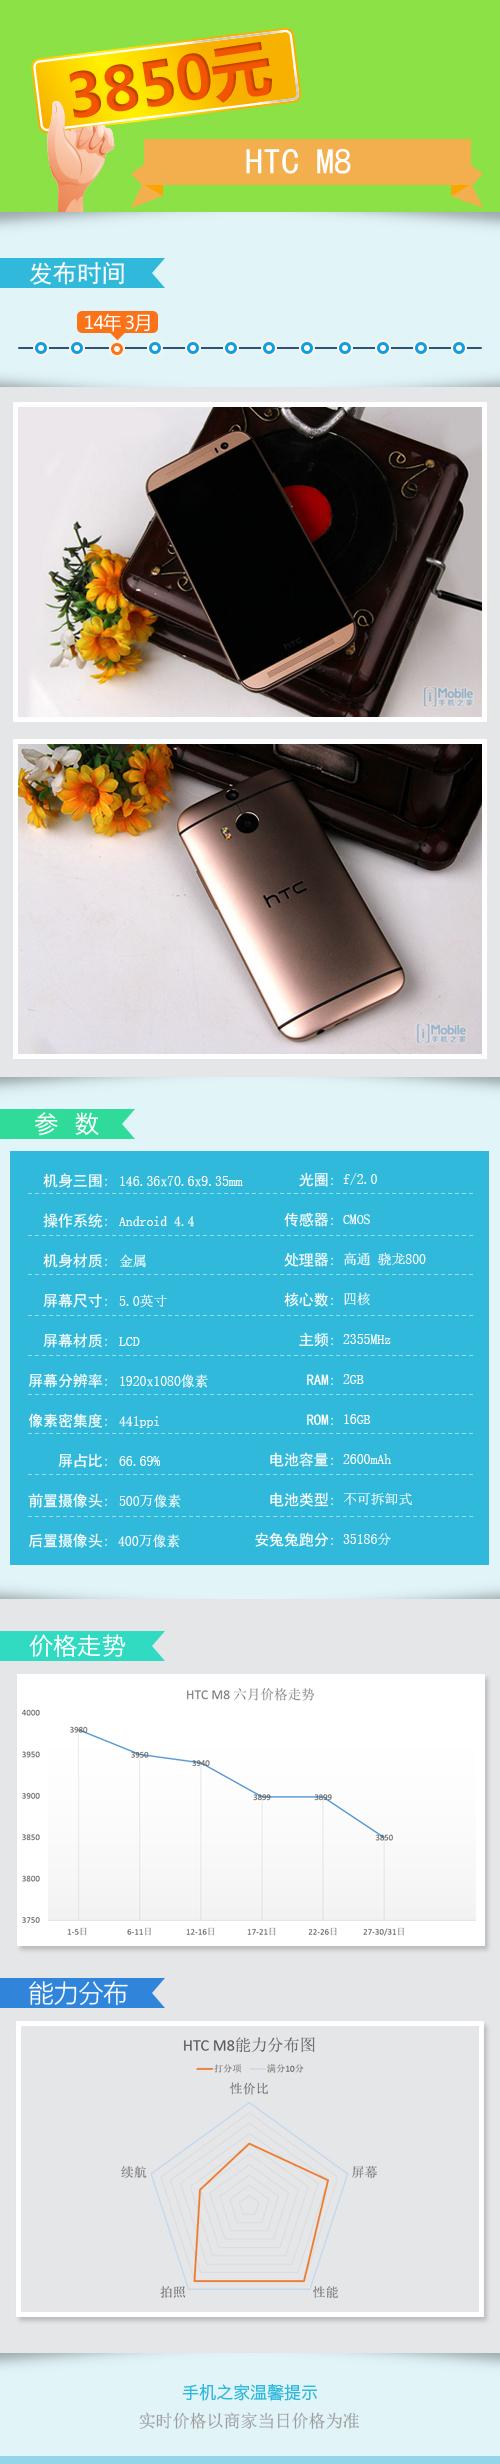 HTC M8导购模板